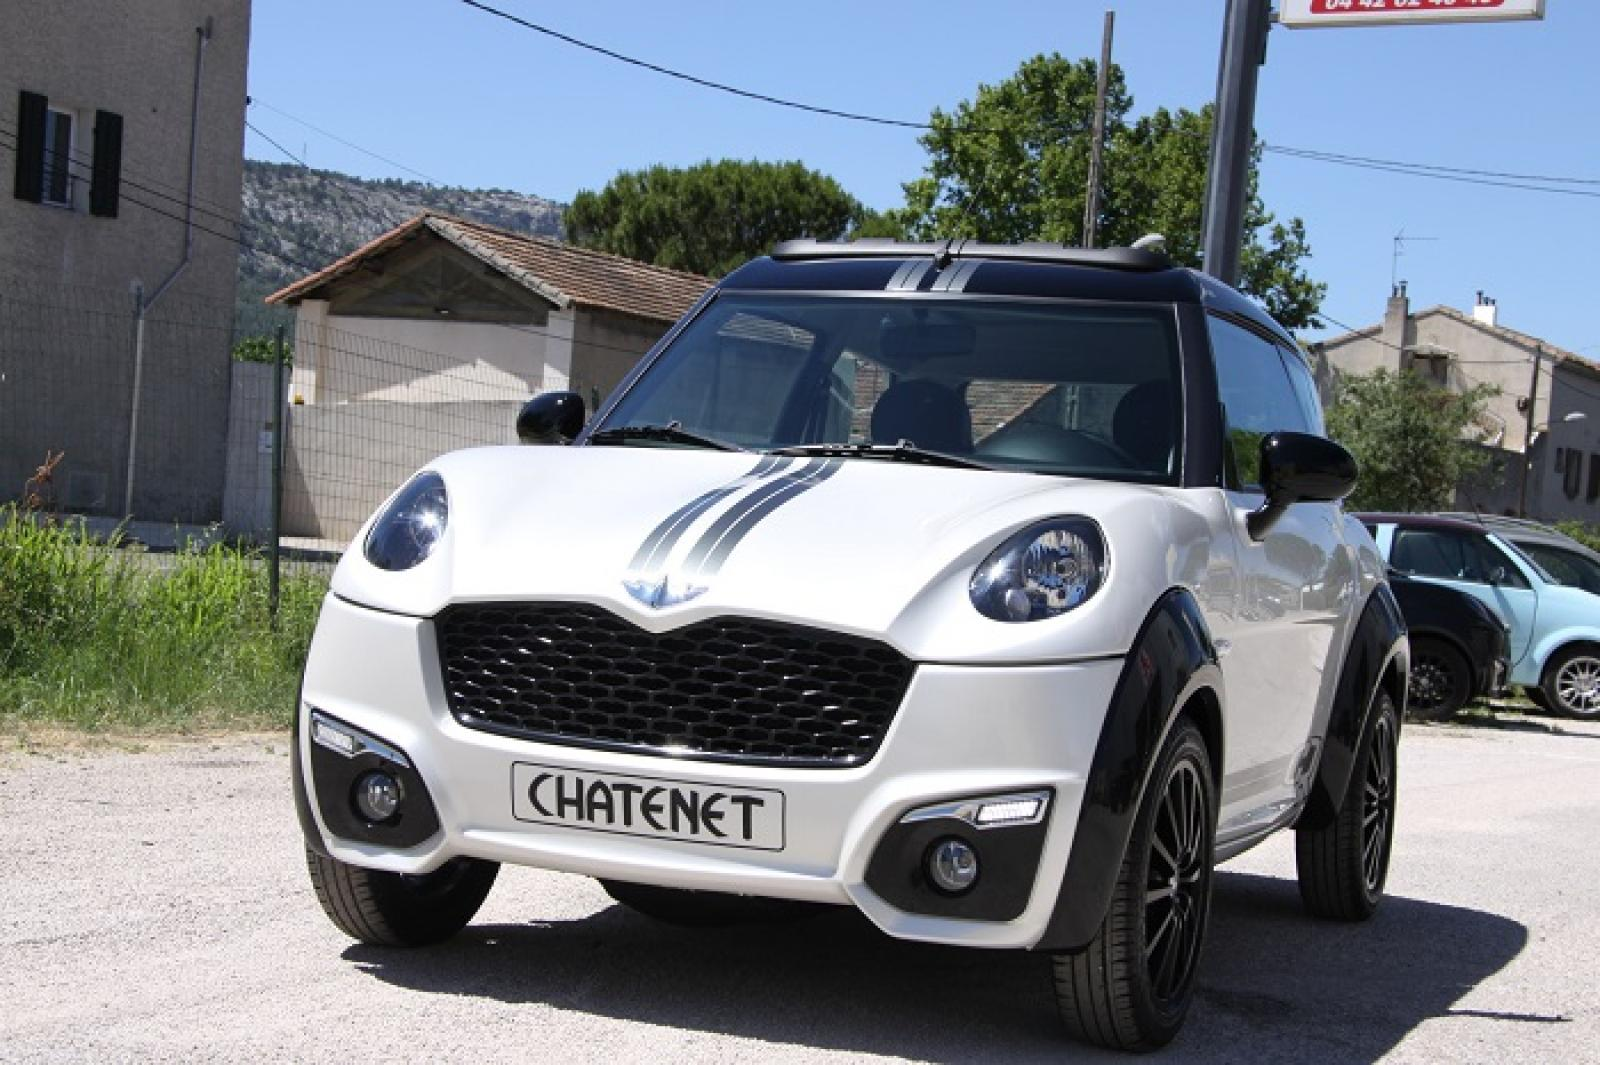 Concessionnaire Chatenet à Aubagne - Mazel Auto - voiture ...